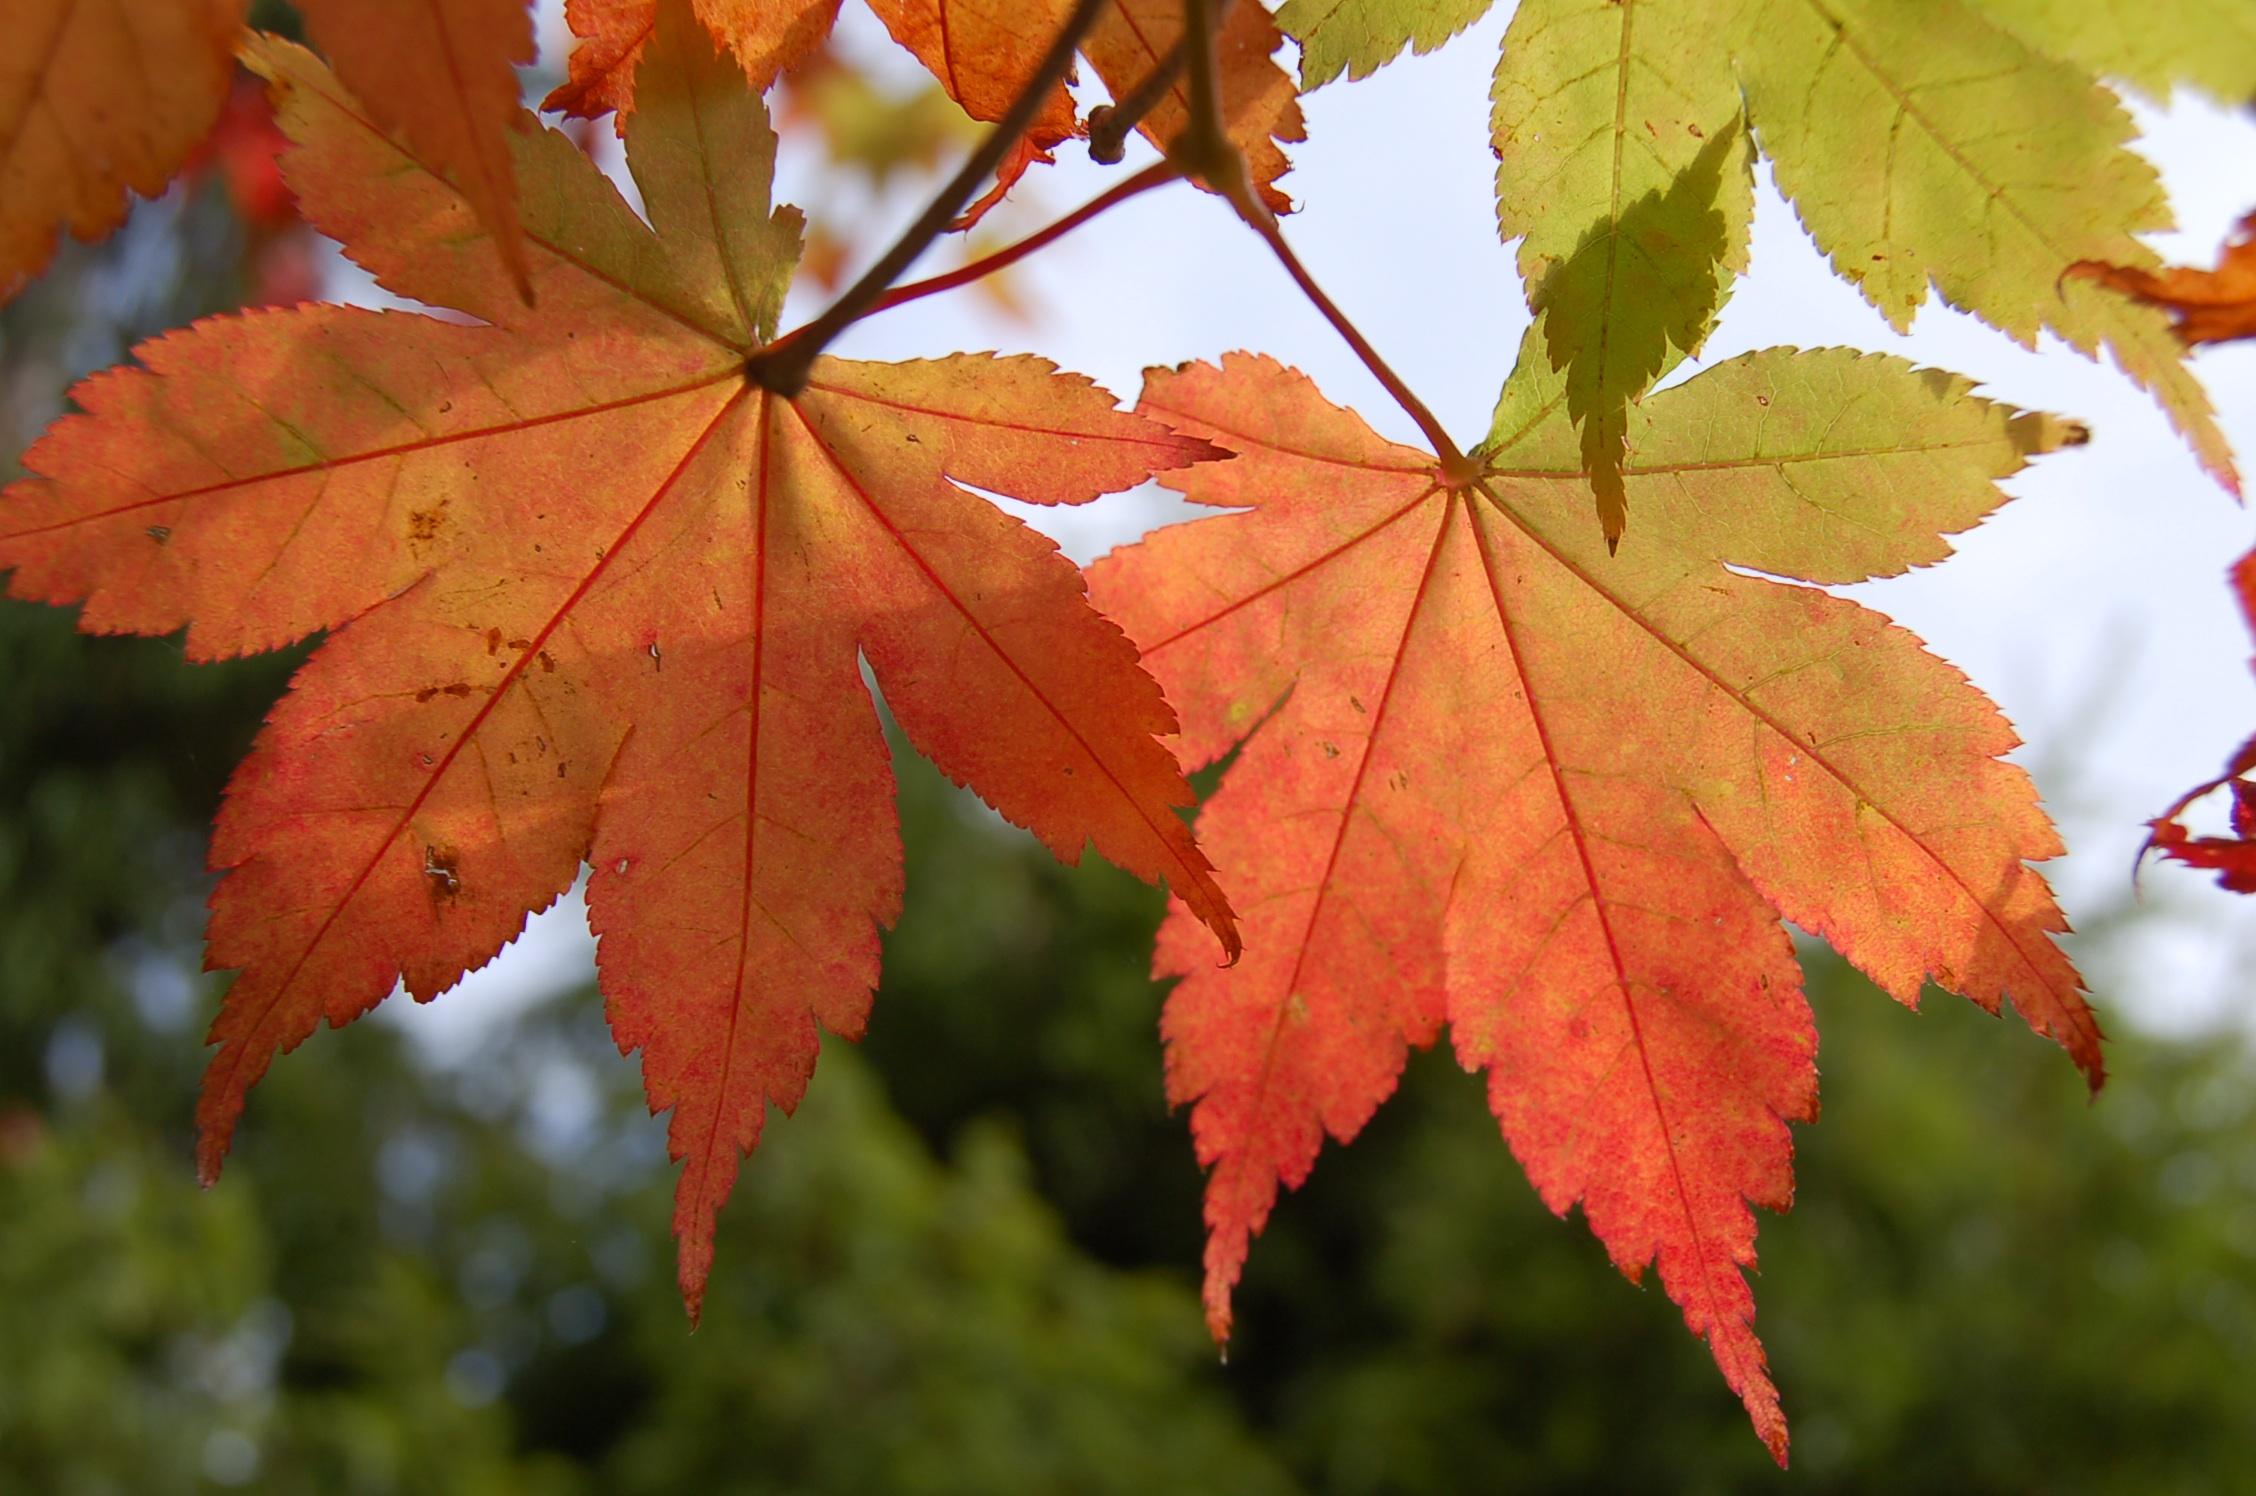 фото осенних листьев деревьев с названиями договоренность